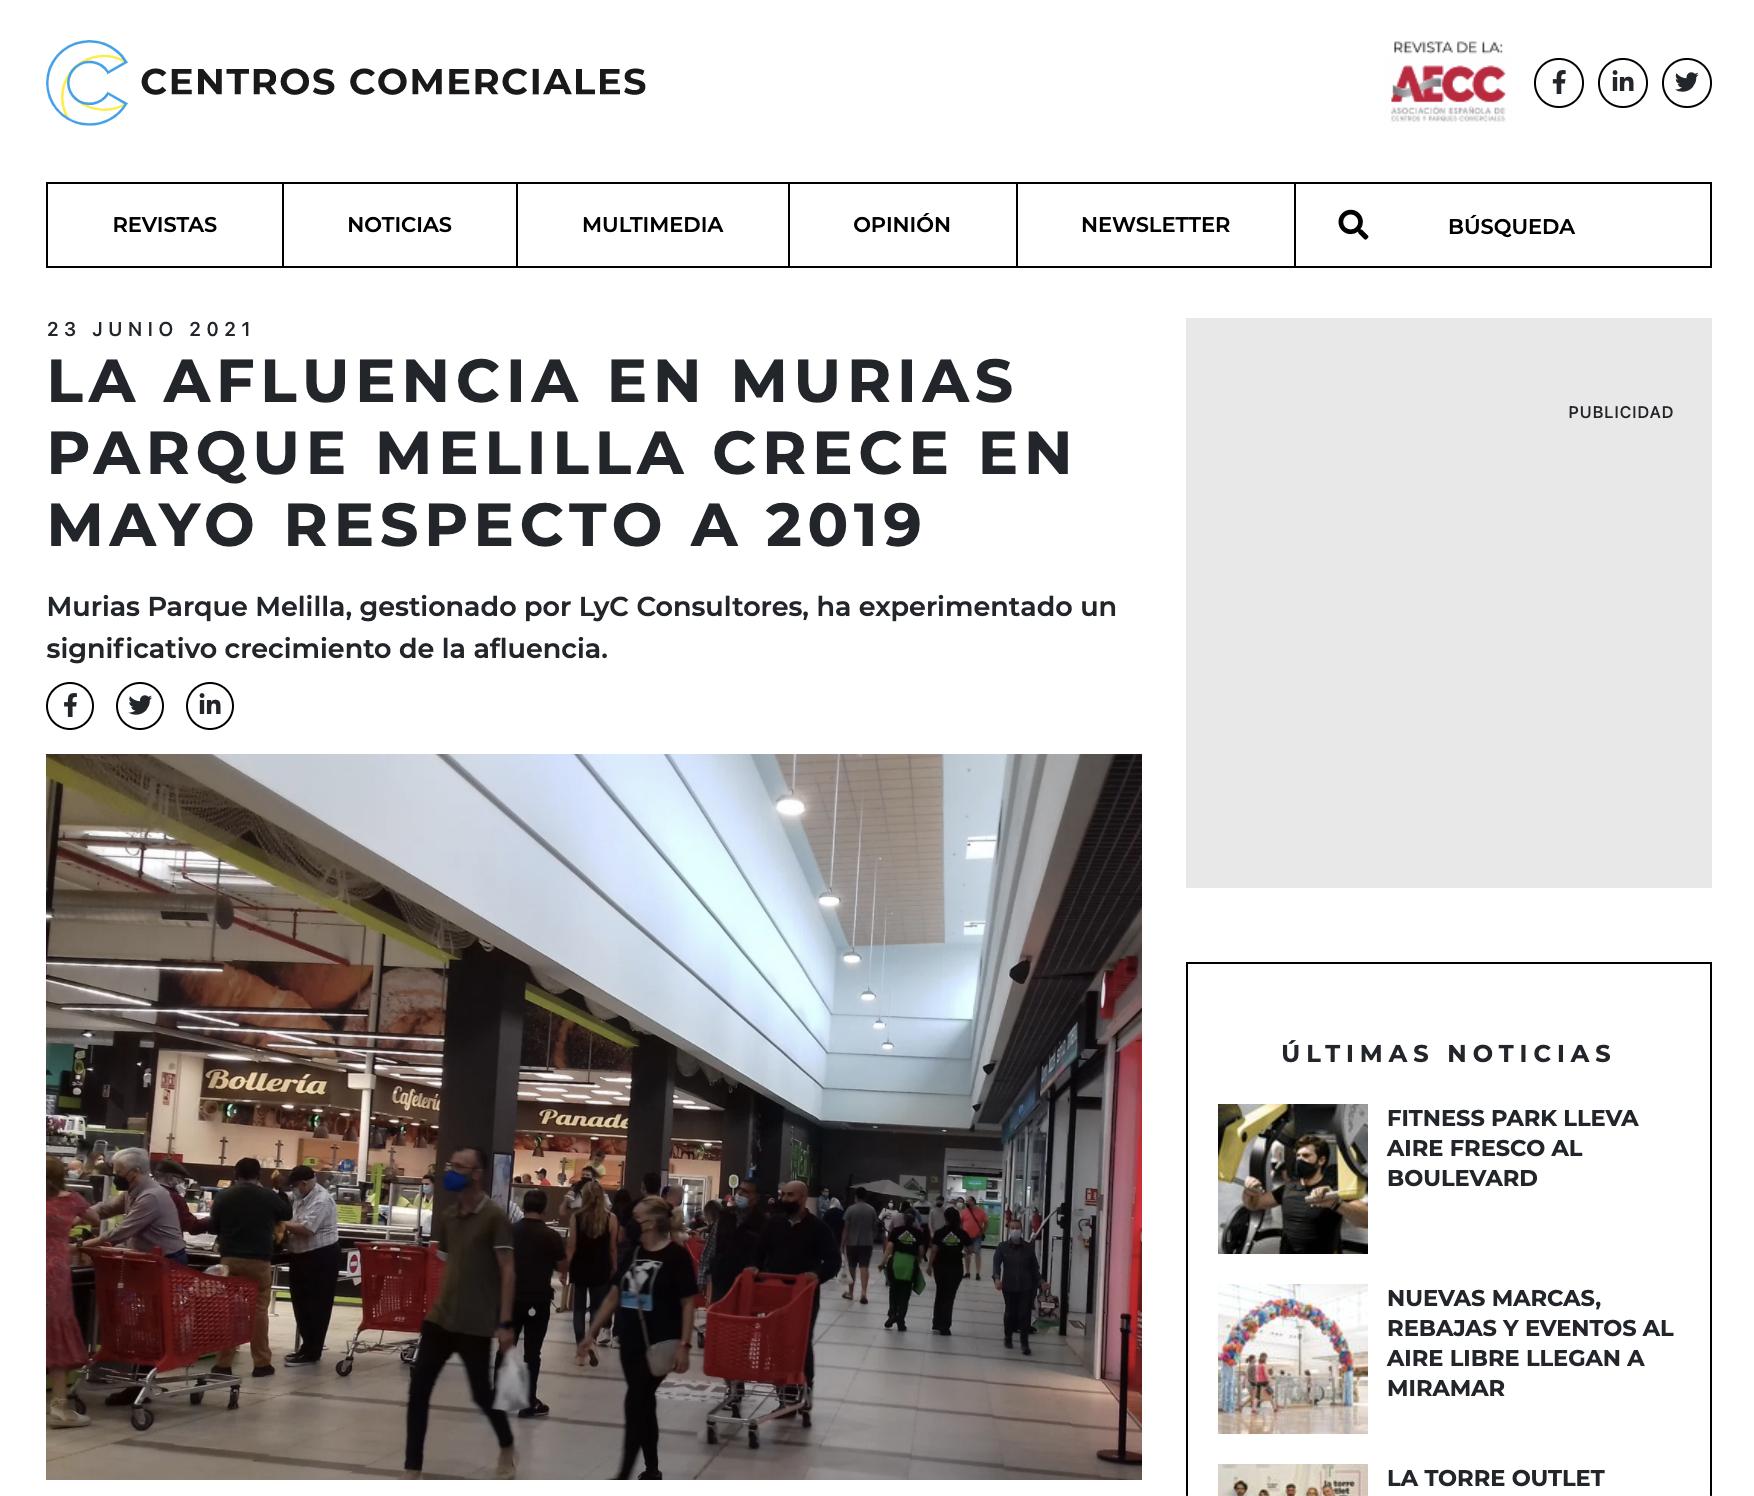 La afluencia en Murias Parque Melilla crece en mayo respecto a 2019